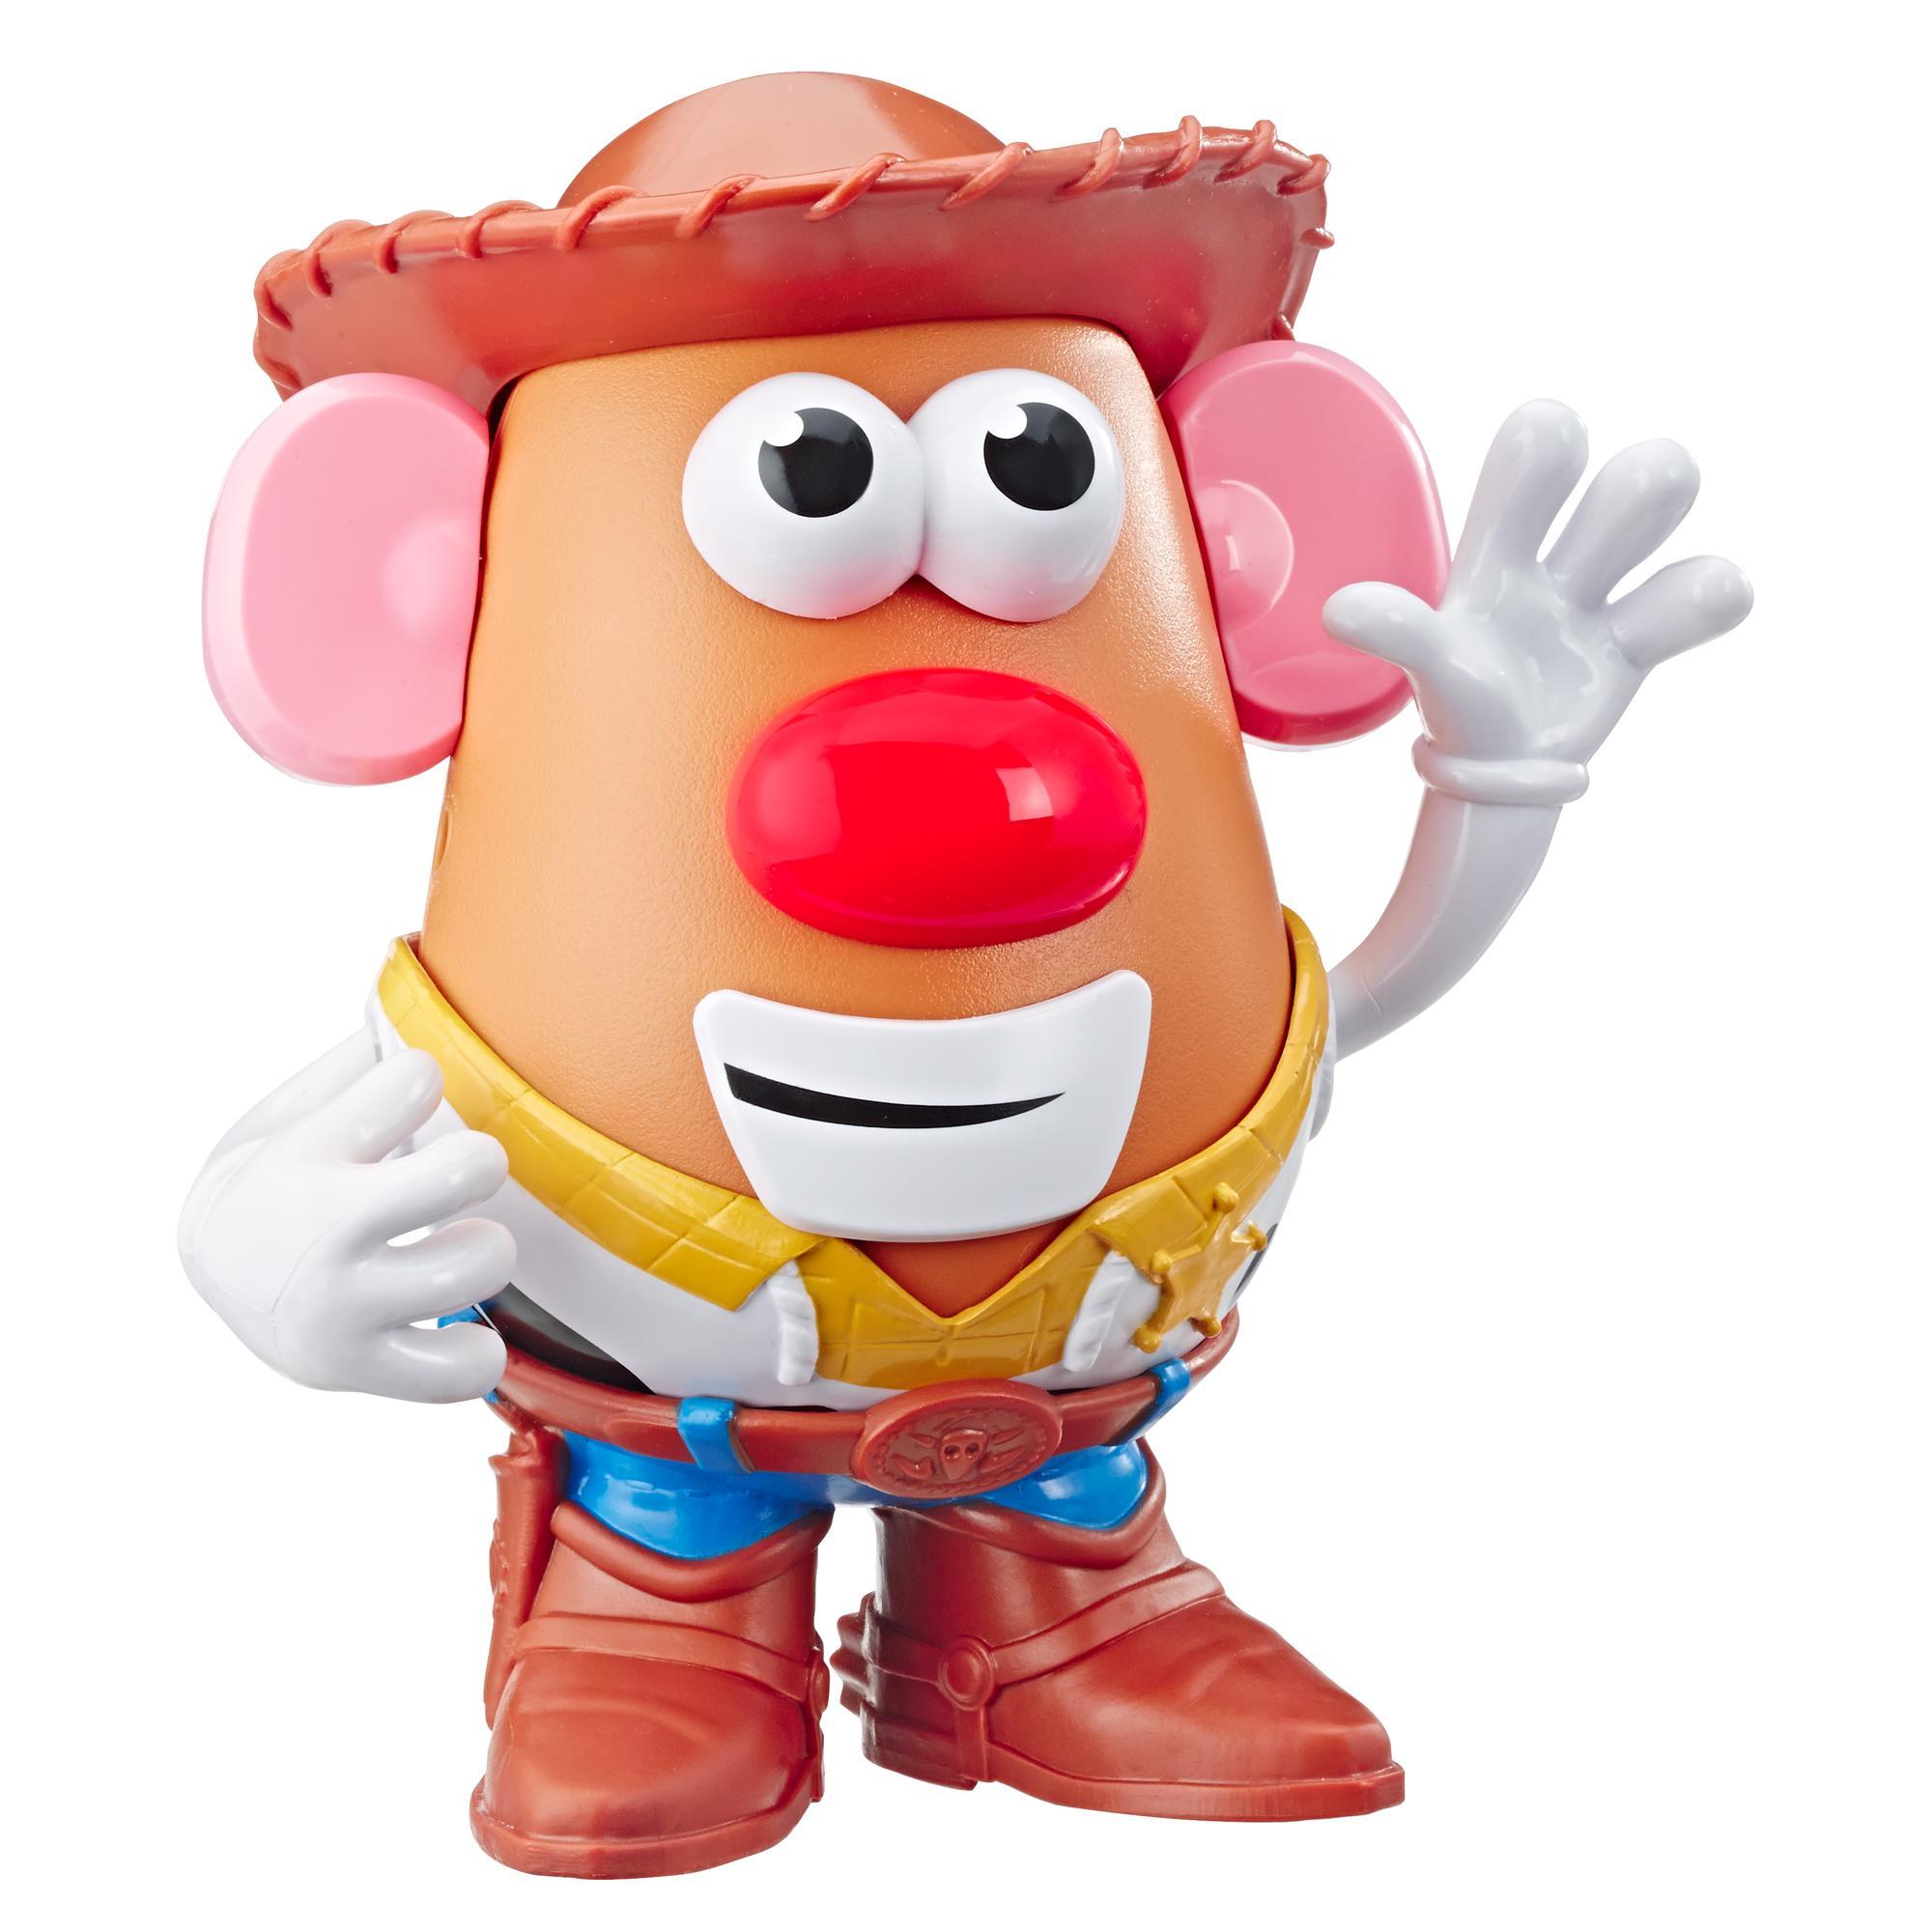 Mr. Potato Head Disney/Pixar - Figura de Papa Woody de Toy Story 4 - Juguete para niños de 2 años en adelante